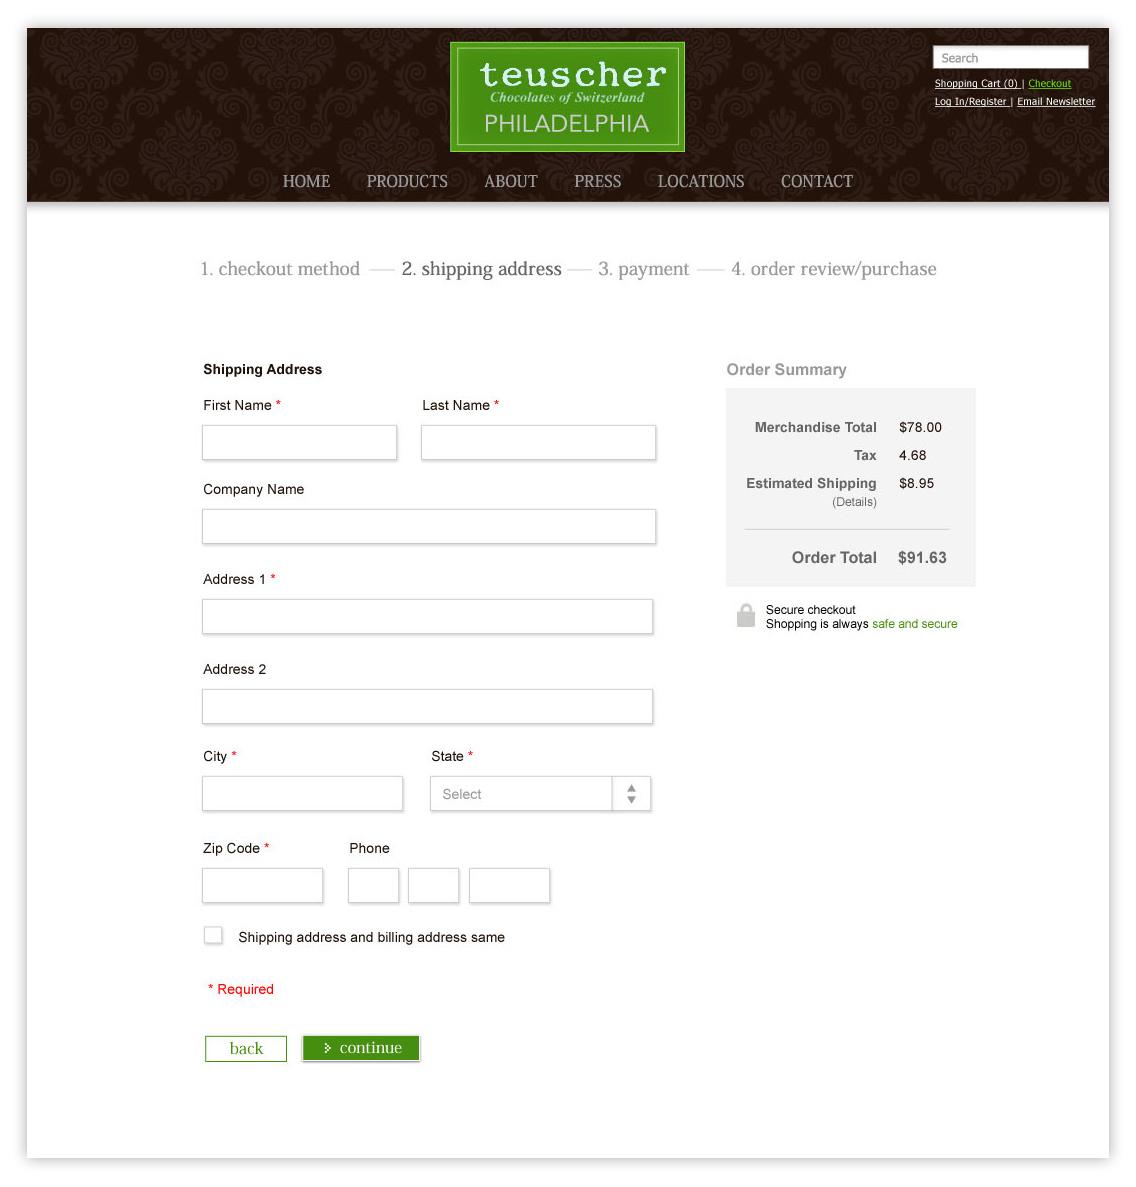 Teuscher_0006_Checkout---shipping.jpg